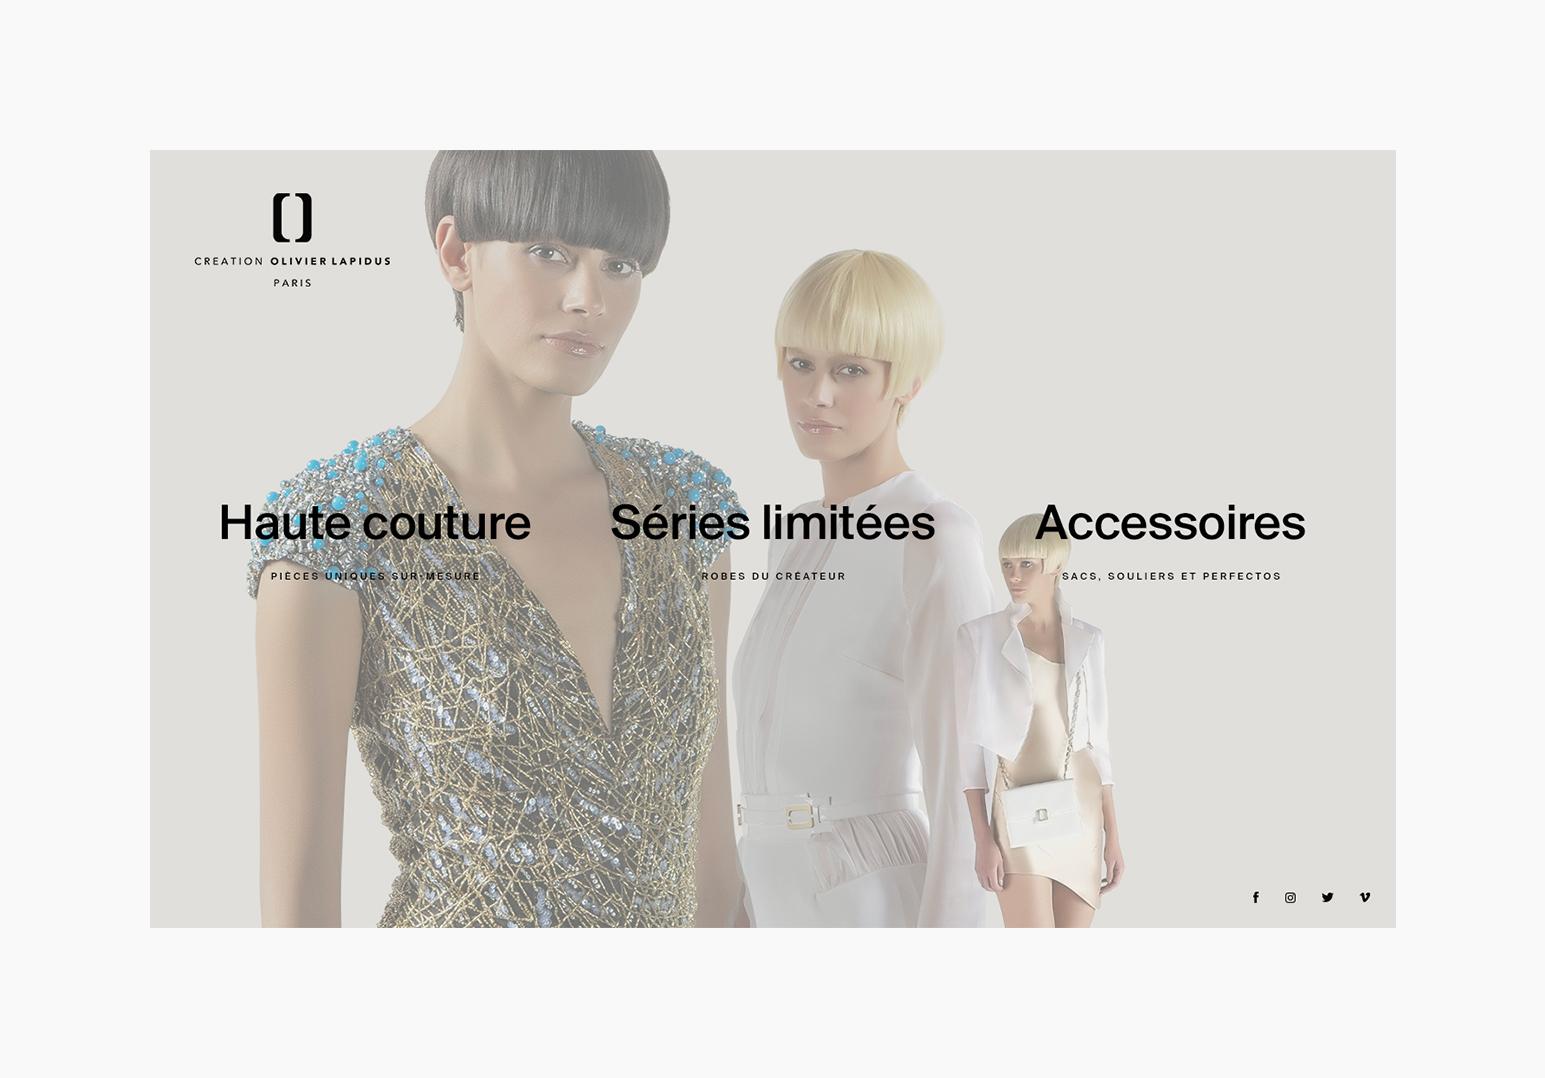 olivier-lapidus-screen-01